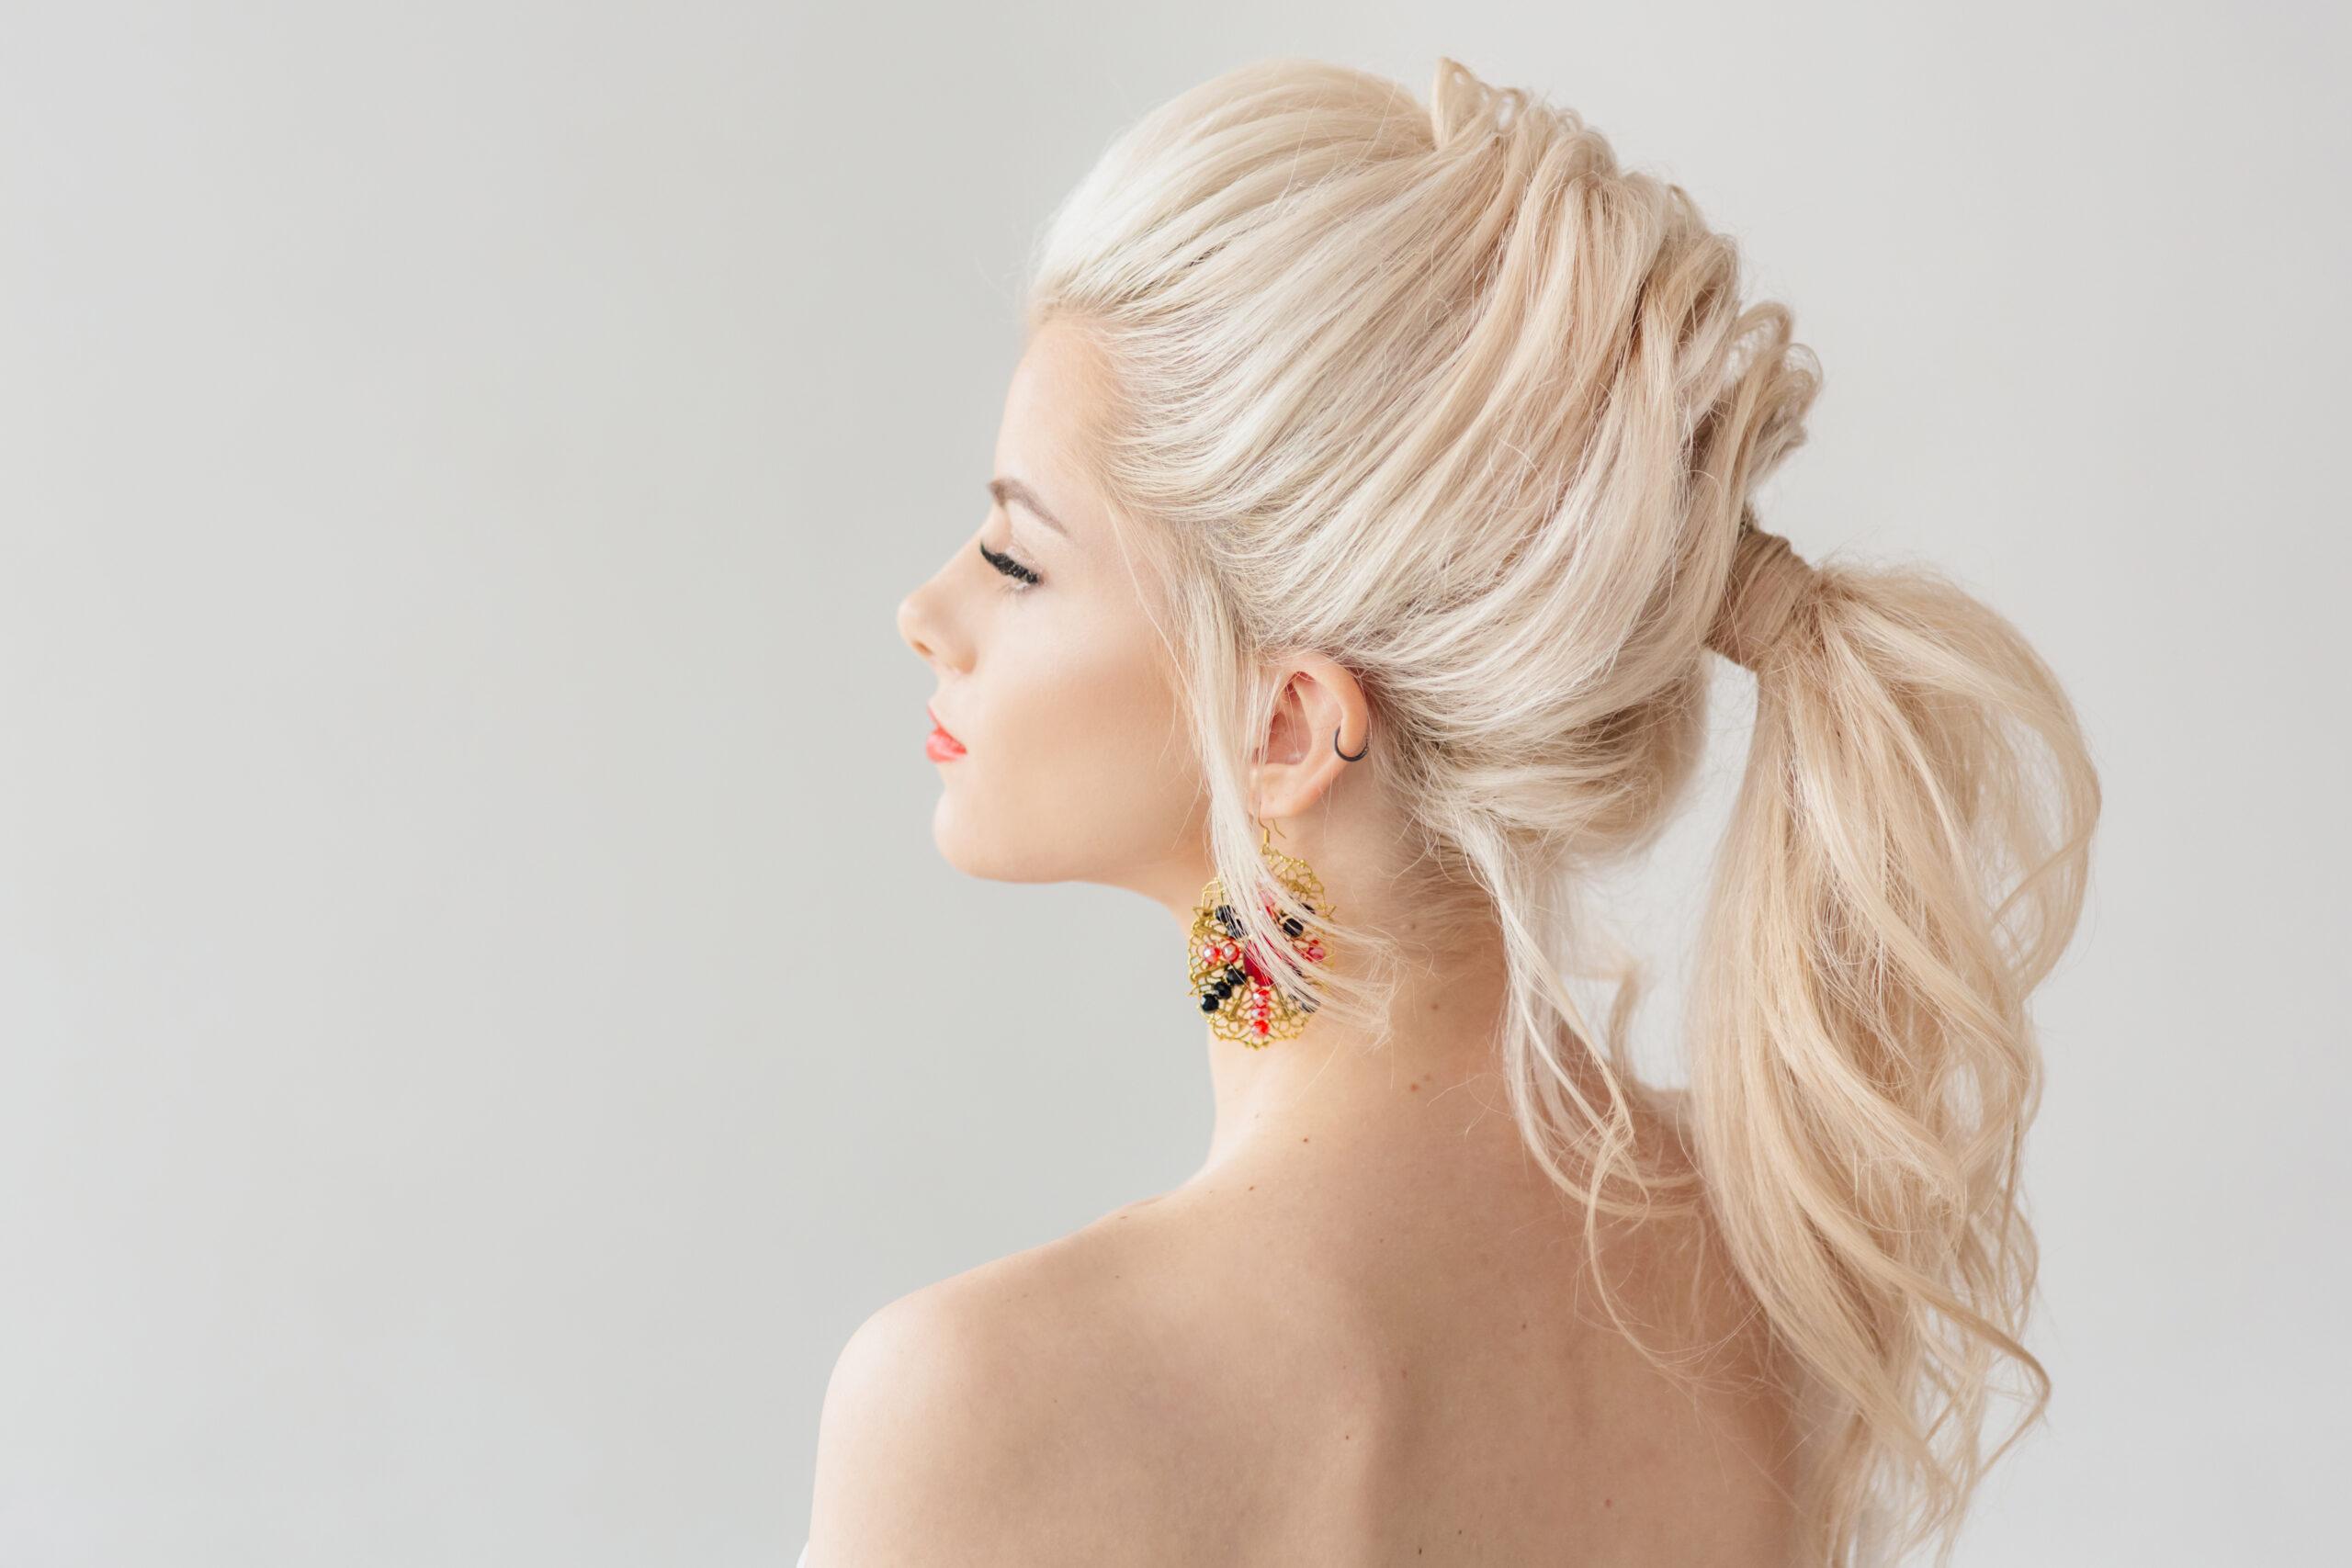 fryzura na wesele w formie kucyka